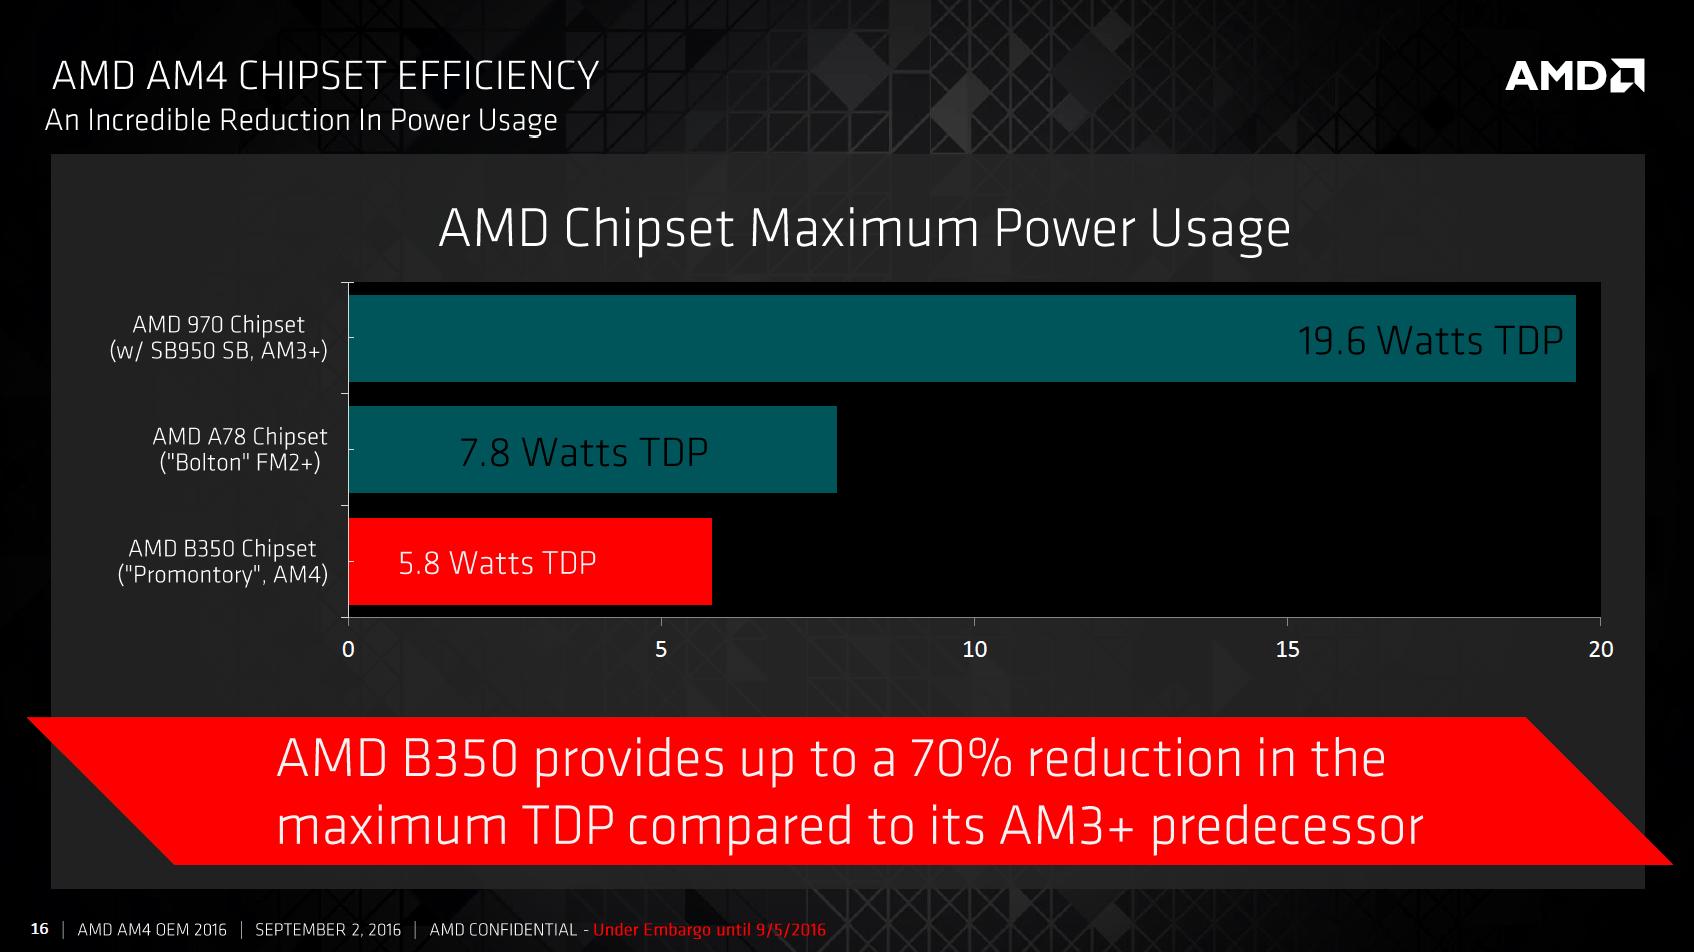 AM4-Plattform mit Promontory-Chipsatz